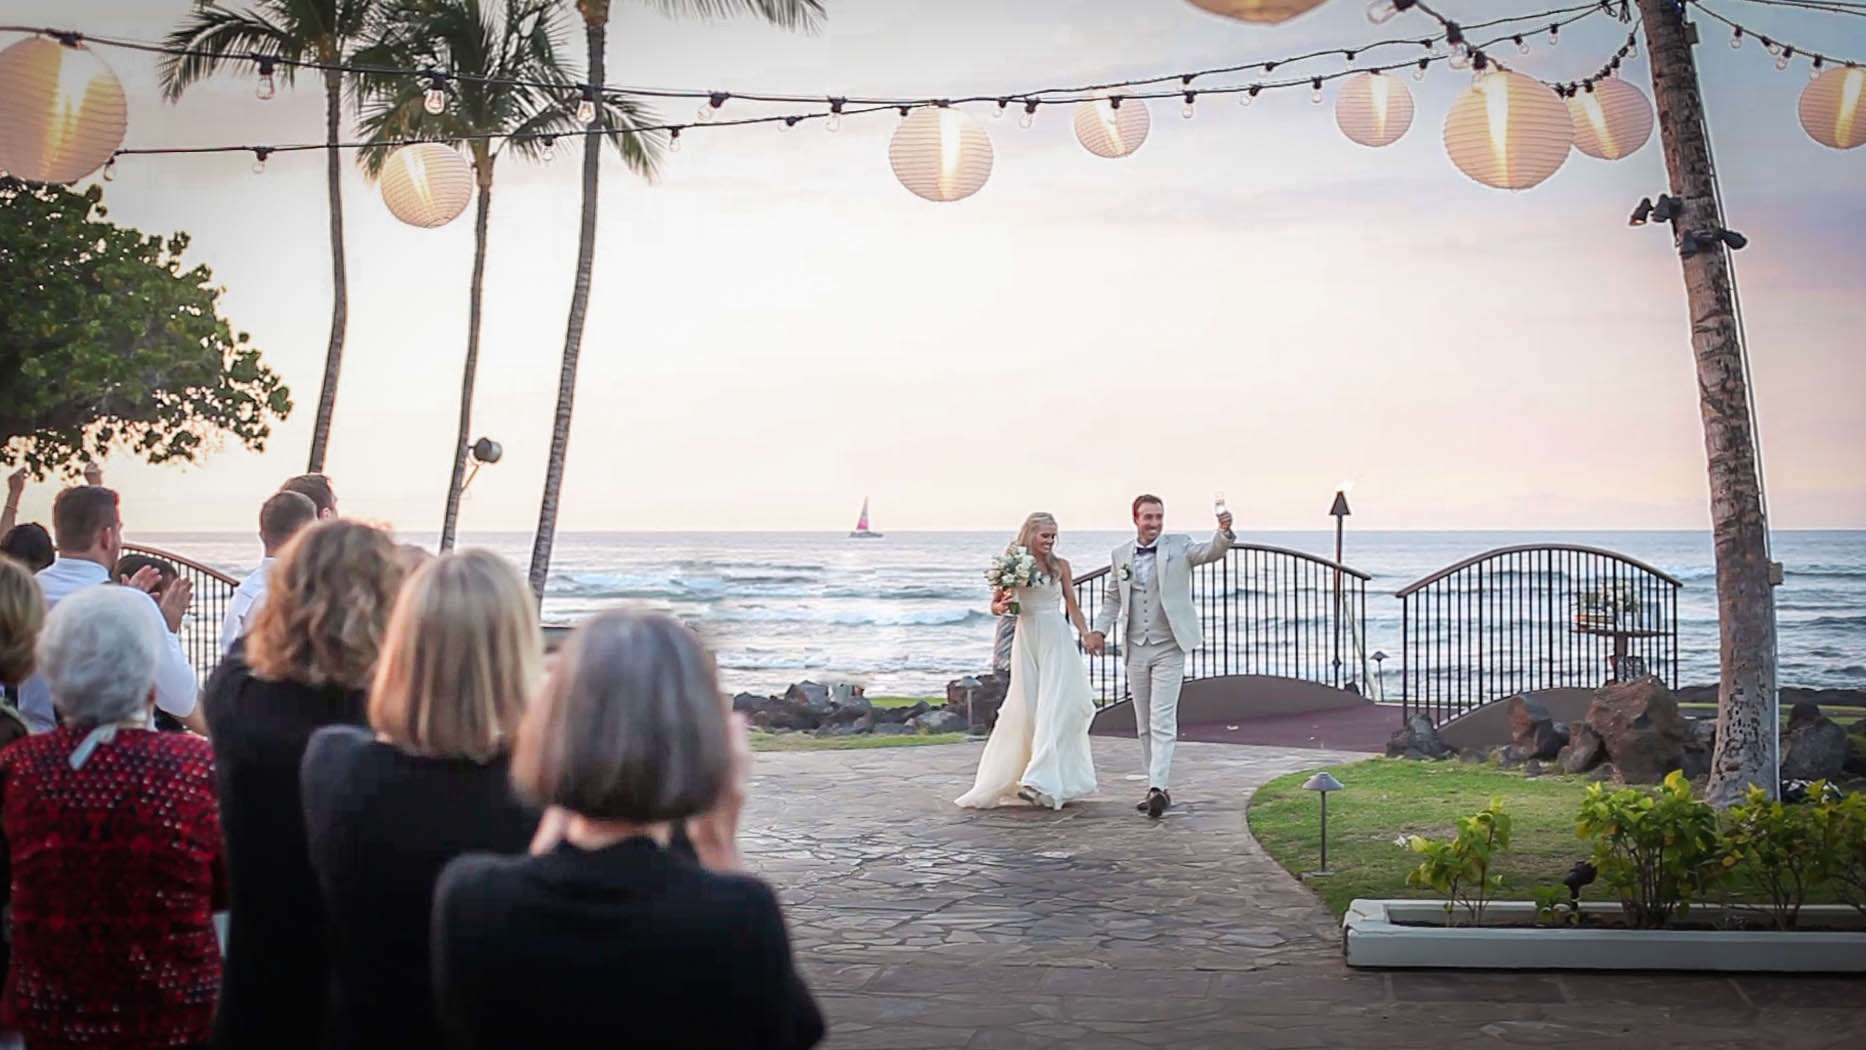 big island hawaii mauna lani resort wedding © kelilina photography 20160225150612-1.jpg